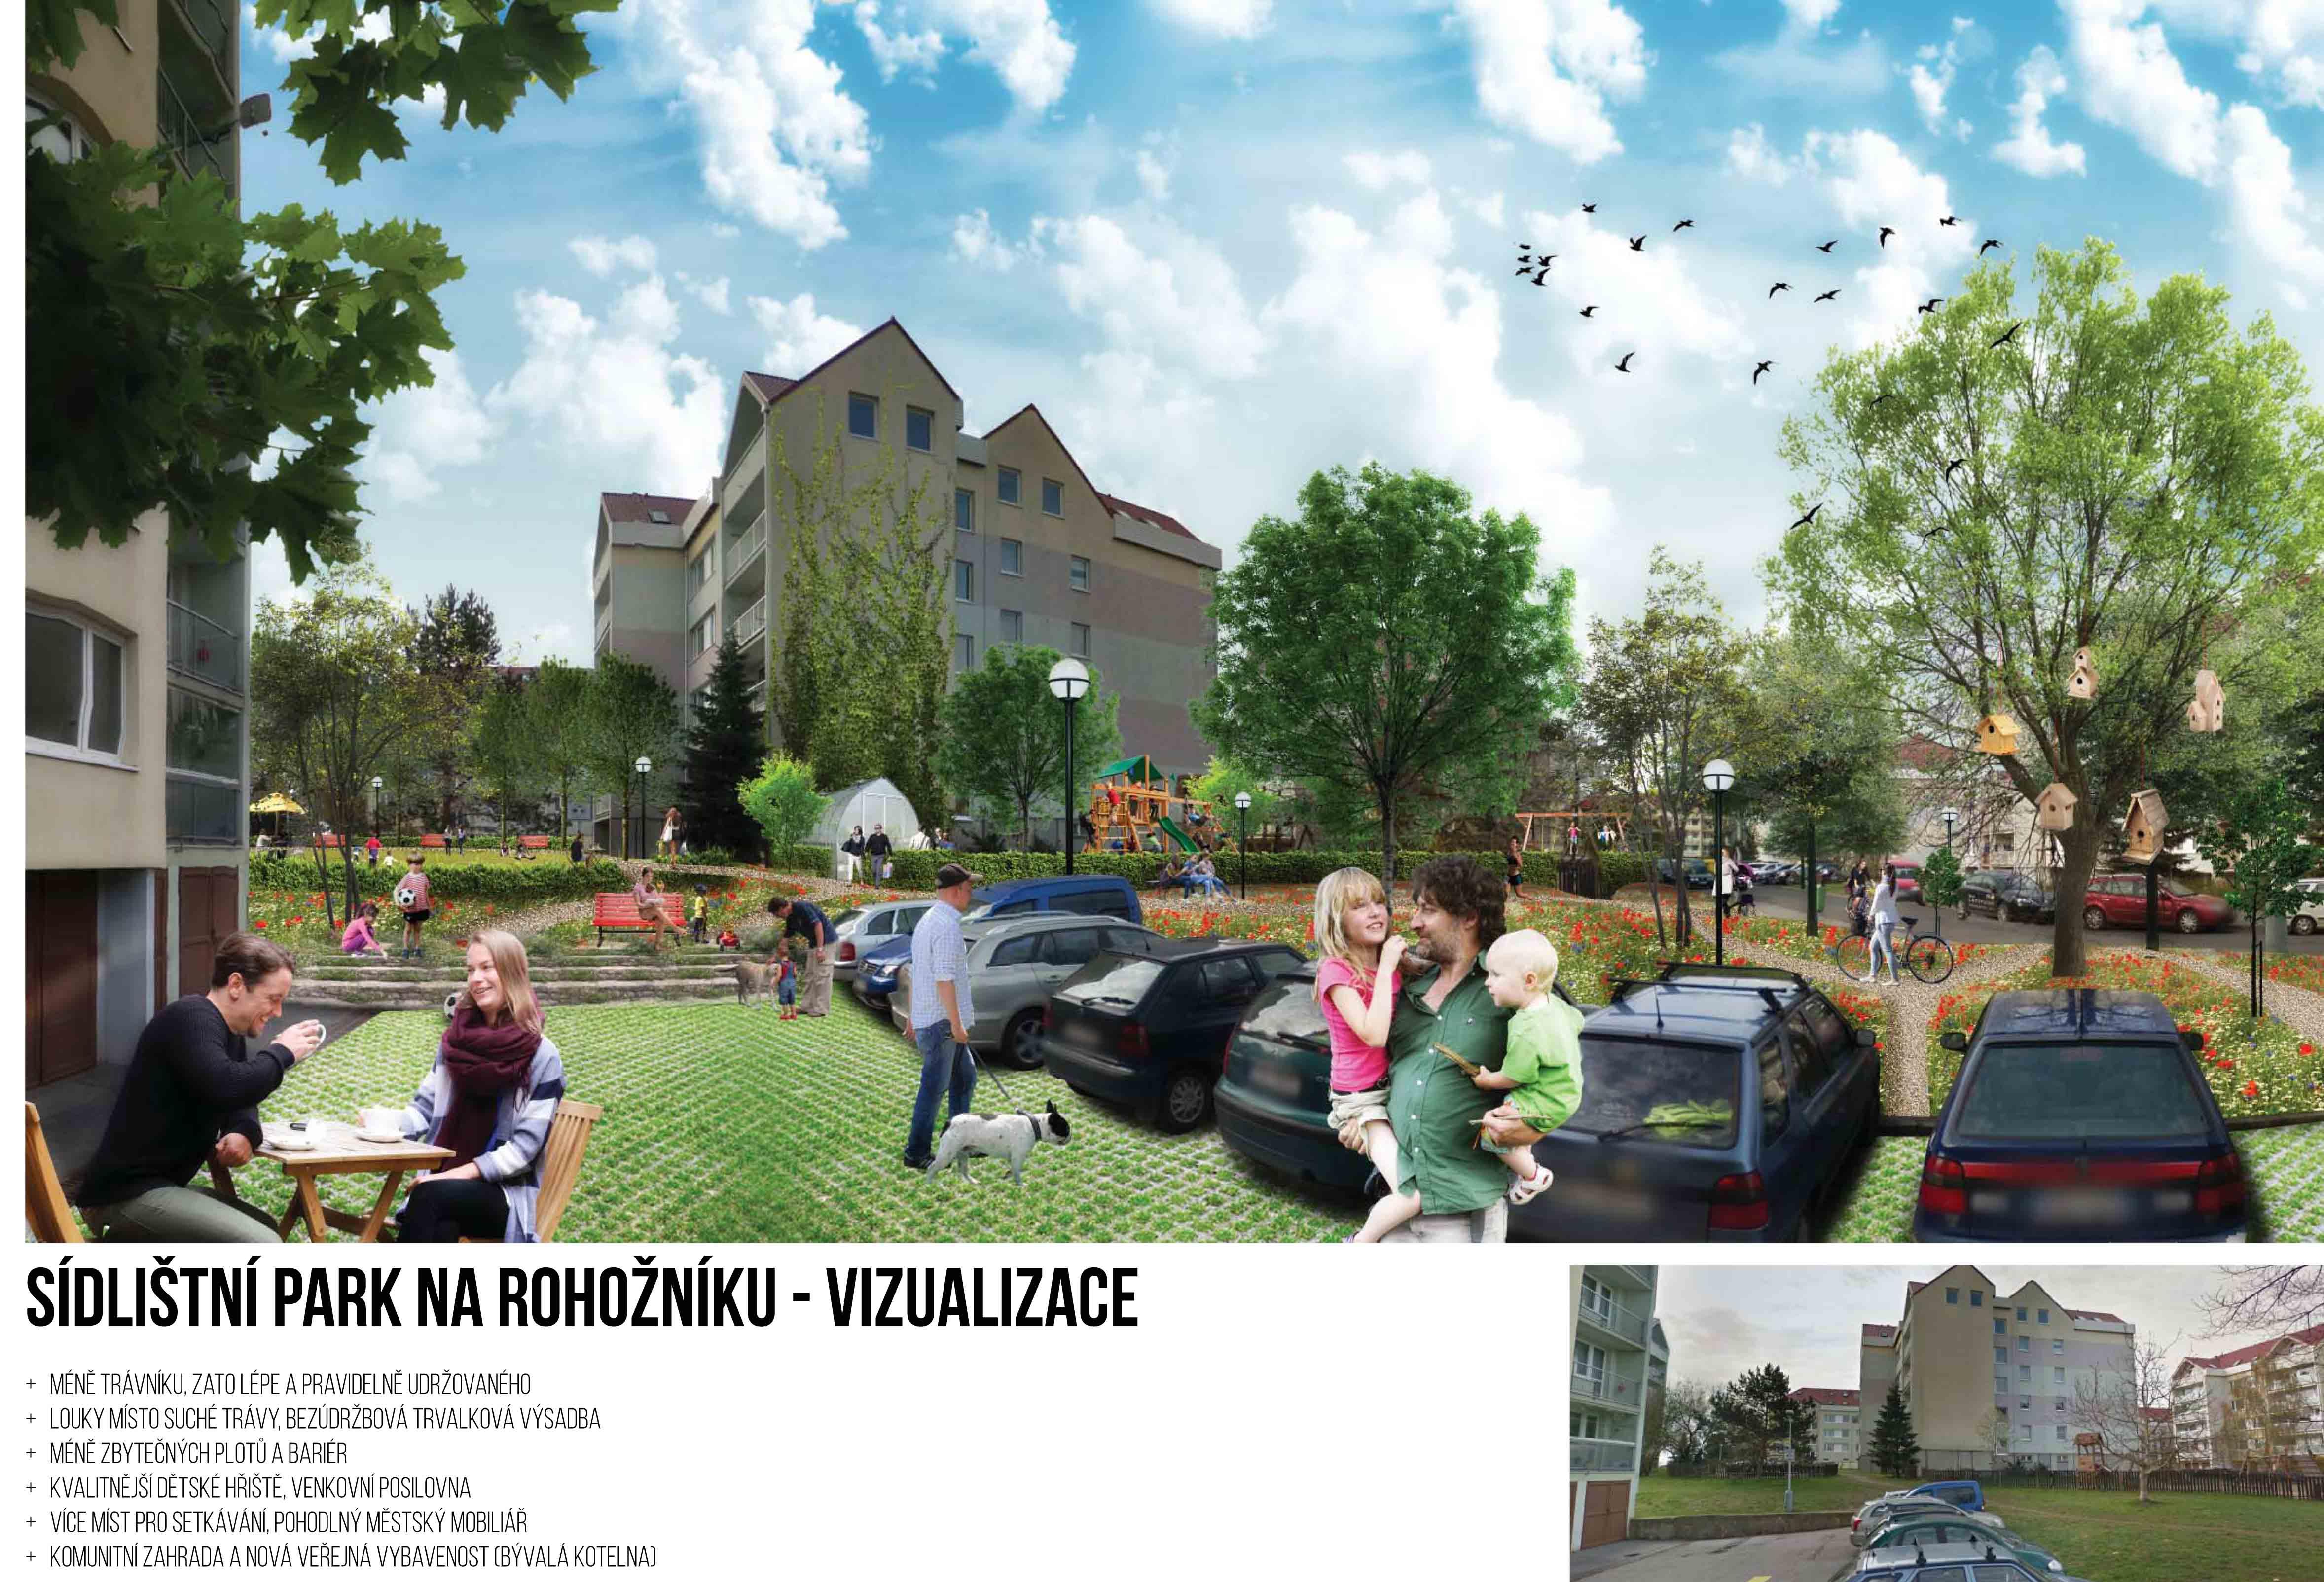 Sídlištní park na Rohožníku - vizualizace